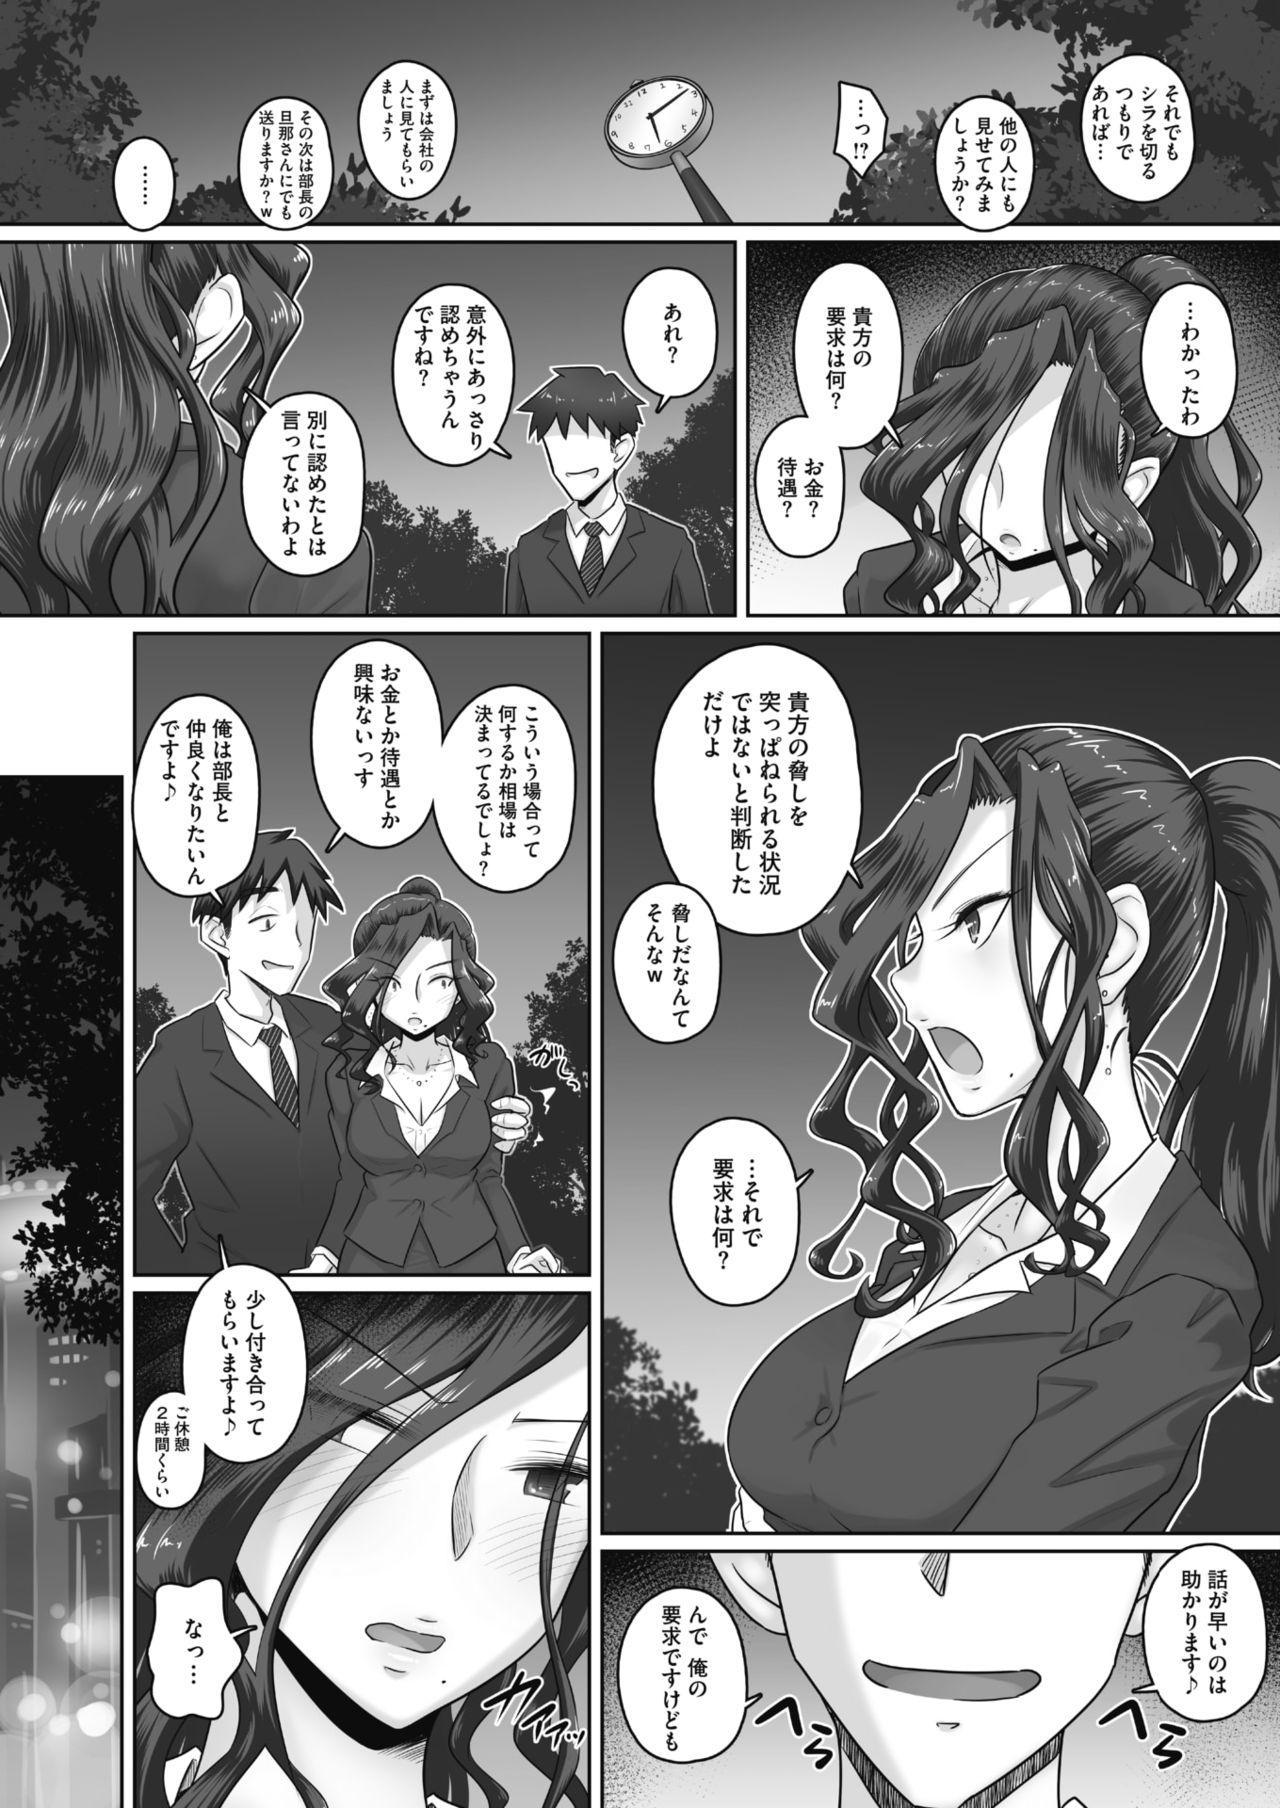 [Urayoroduya (Yoroduya Hyakuhachi)] Ki no Tsuyoi Onna Joushi (31-sai Hitozuma) Matome 3